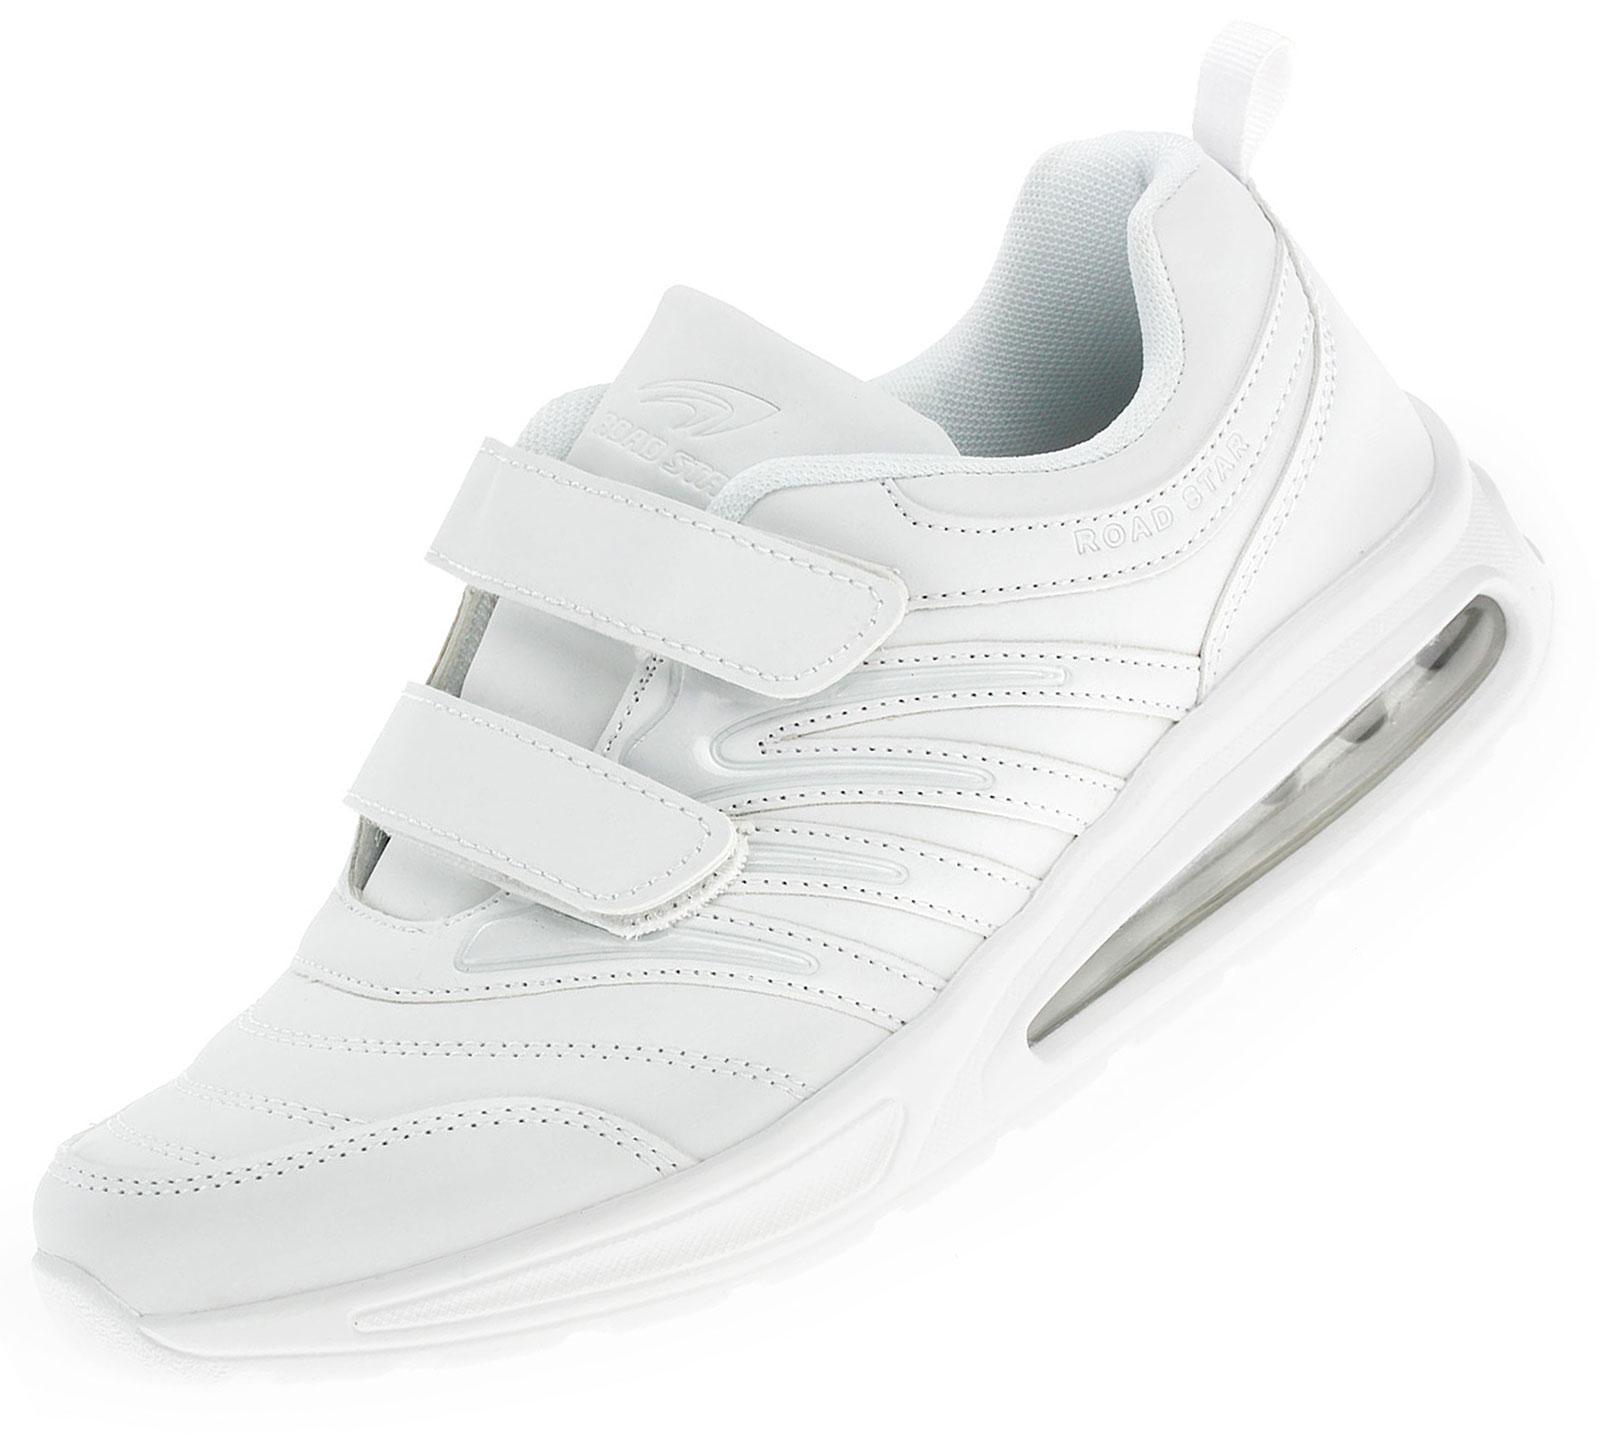 2. Weiß